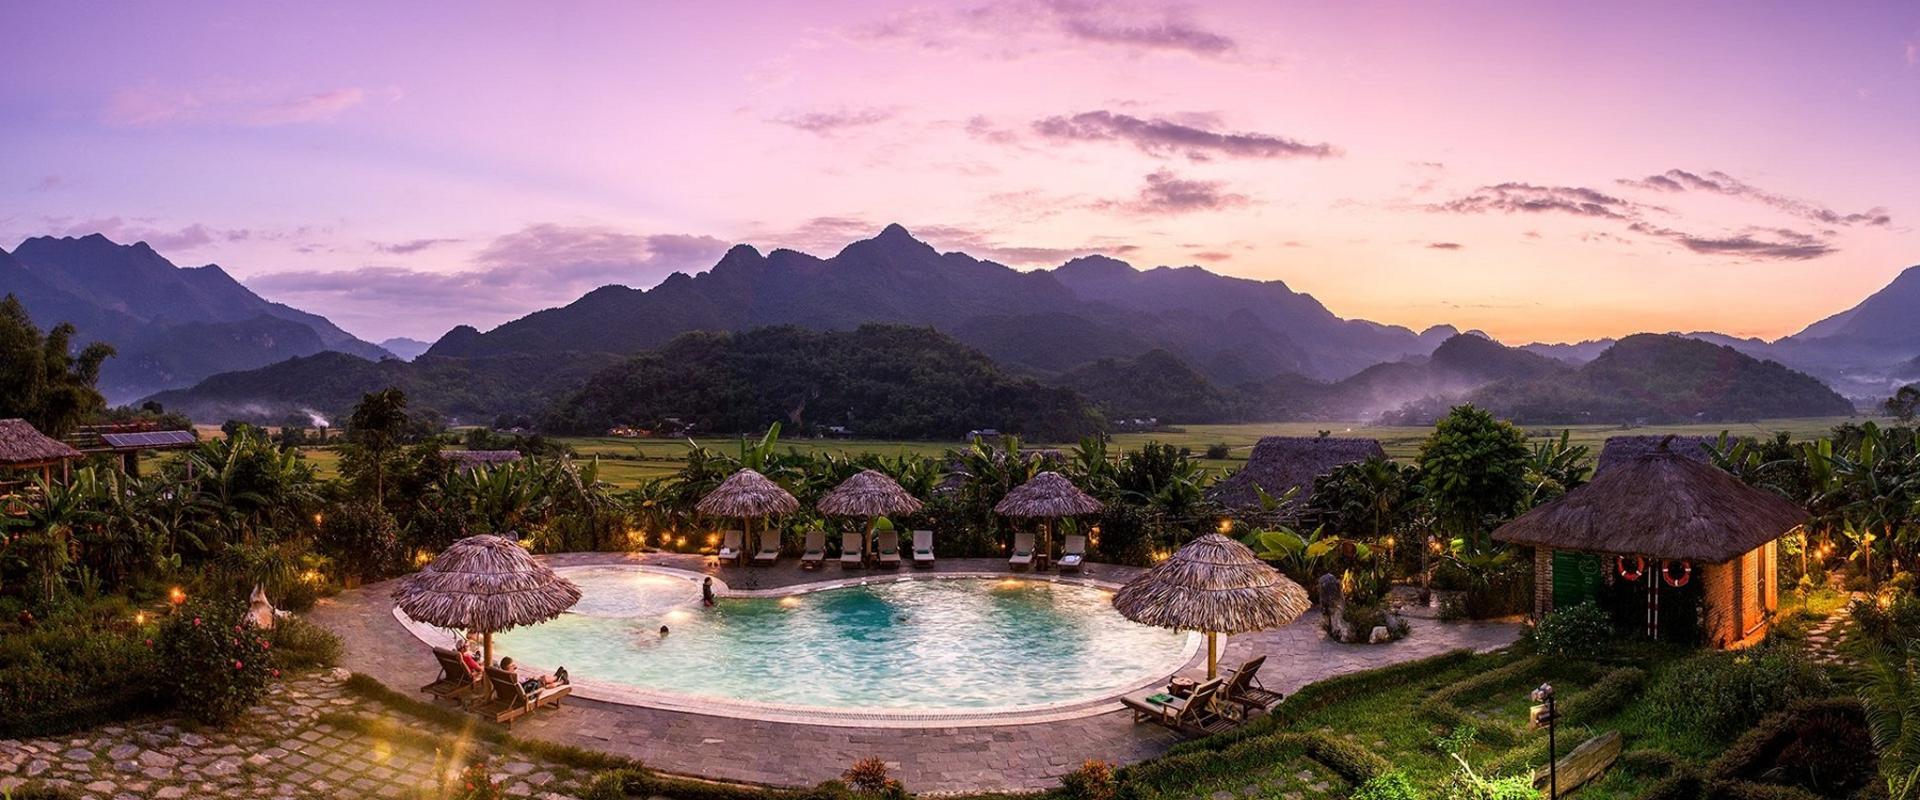 Mai Châu Ecolodge - Top địa điểm bungalow Hòa Bình